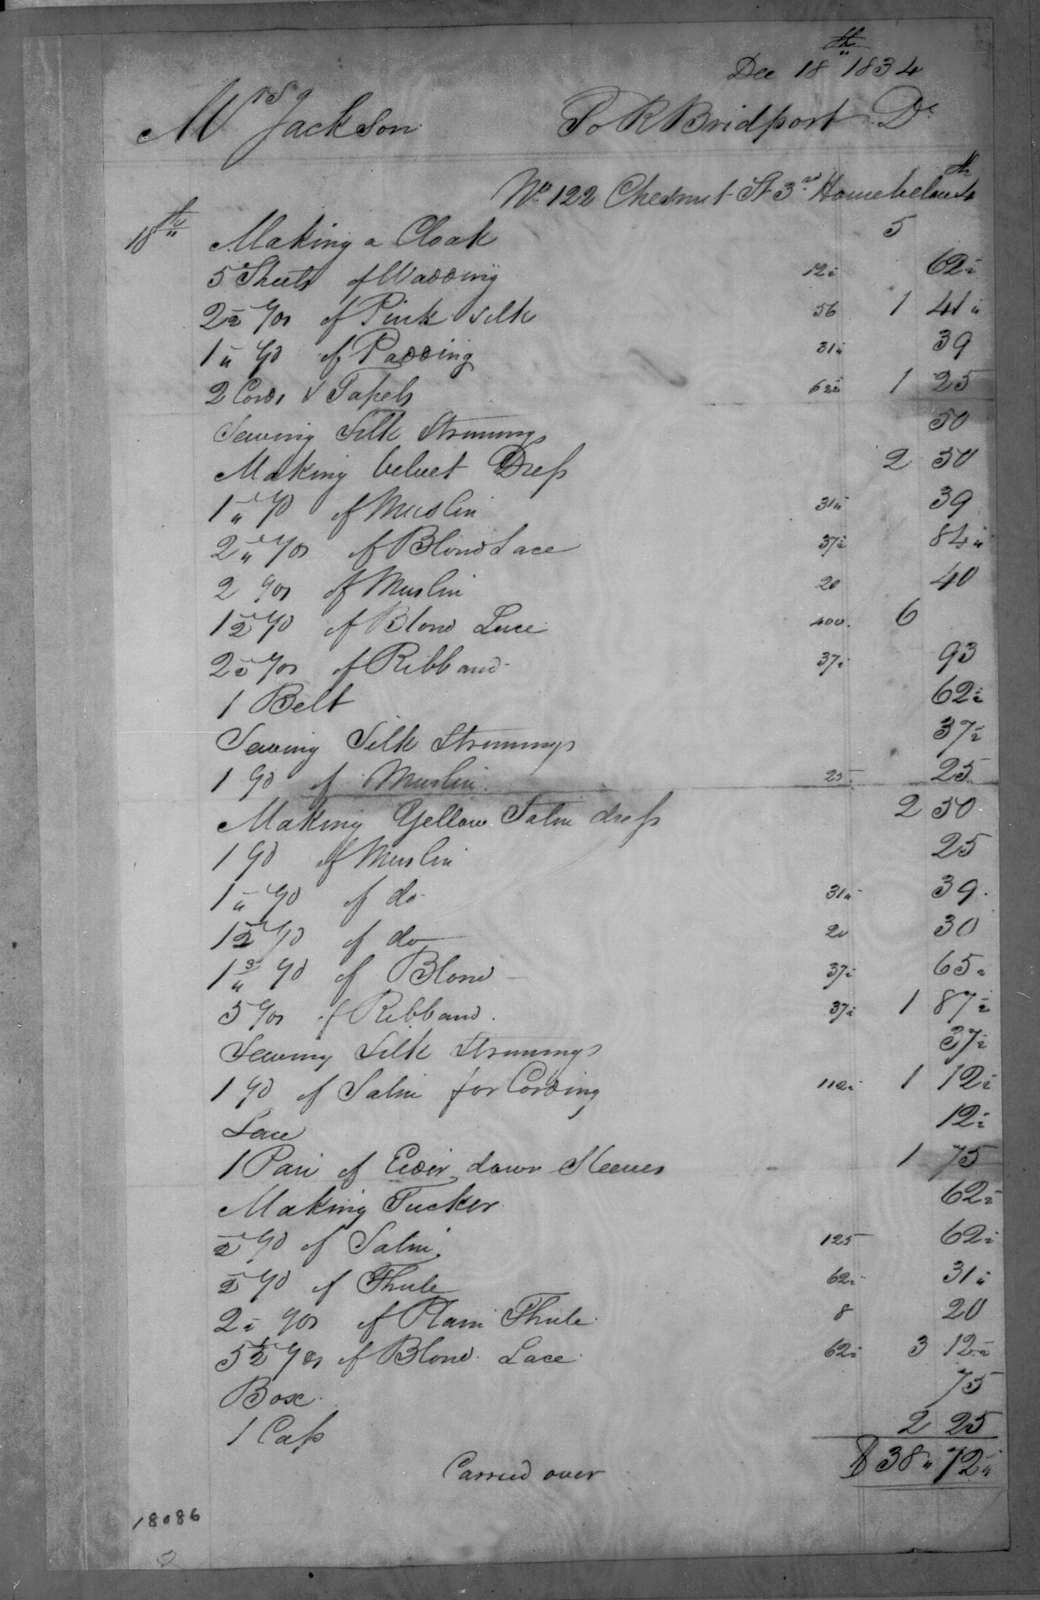 Rachel Bridport to Sarah Yorke Jackson, December 18, 1834